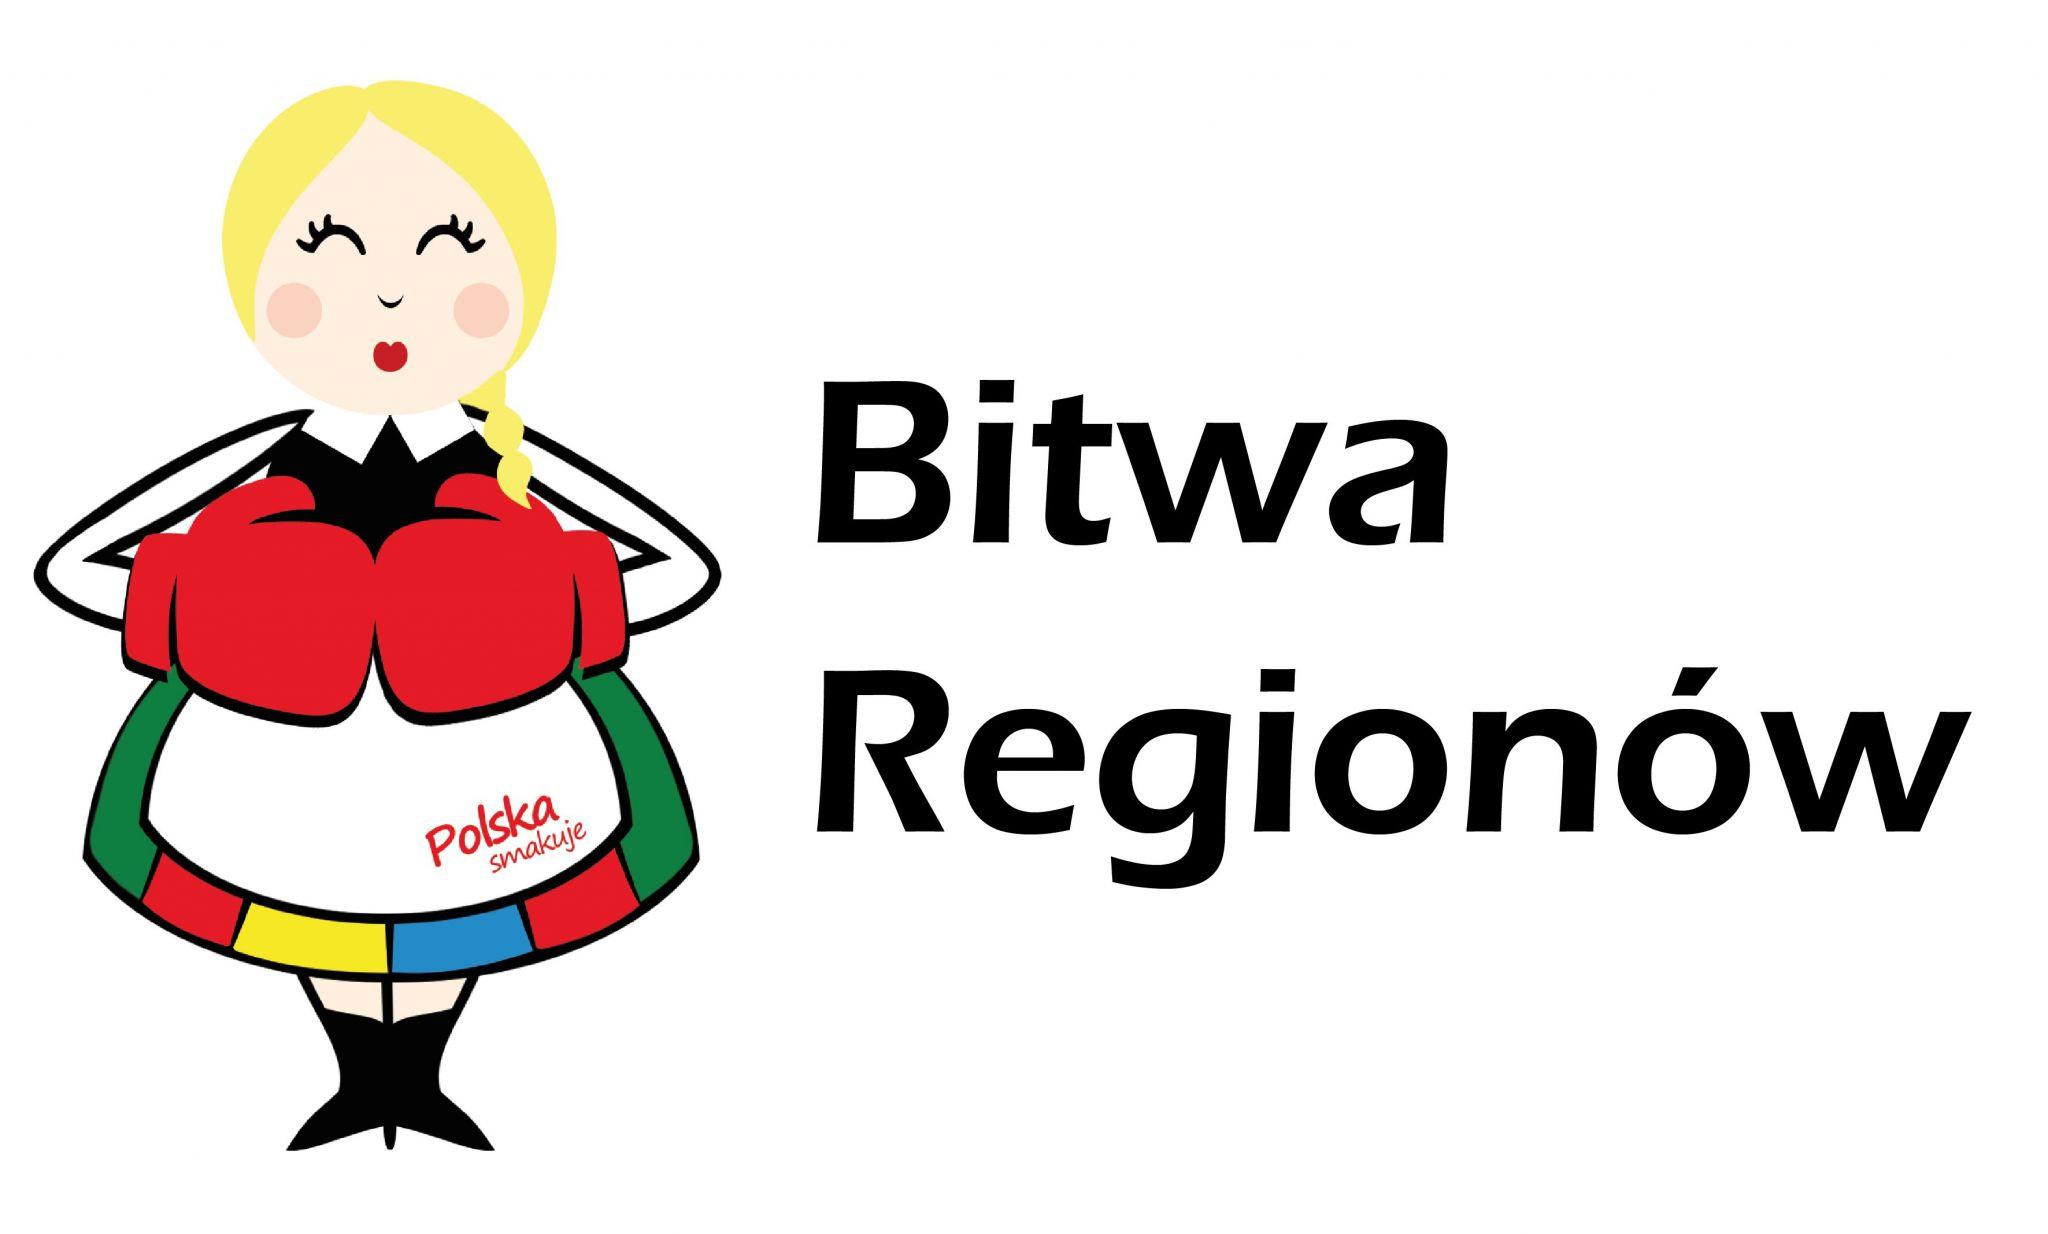 logo bitwaregionow www 1 Comber z sarny na podium, ale kaczka poleciała dalej